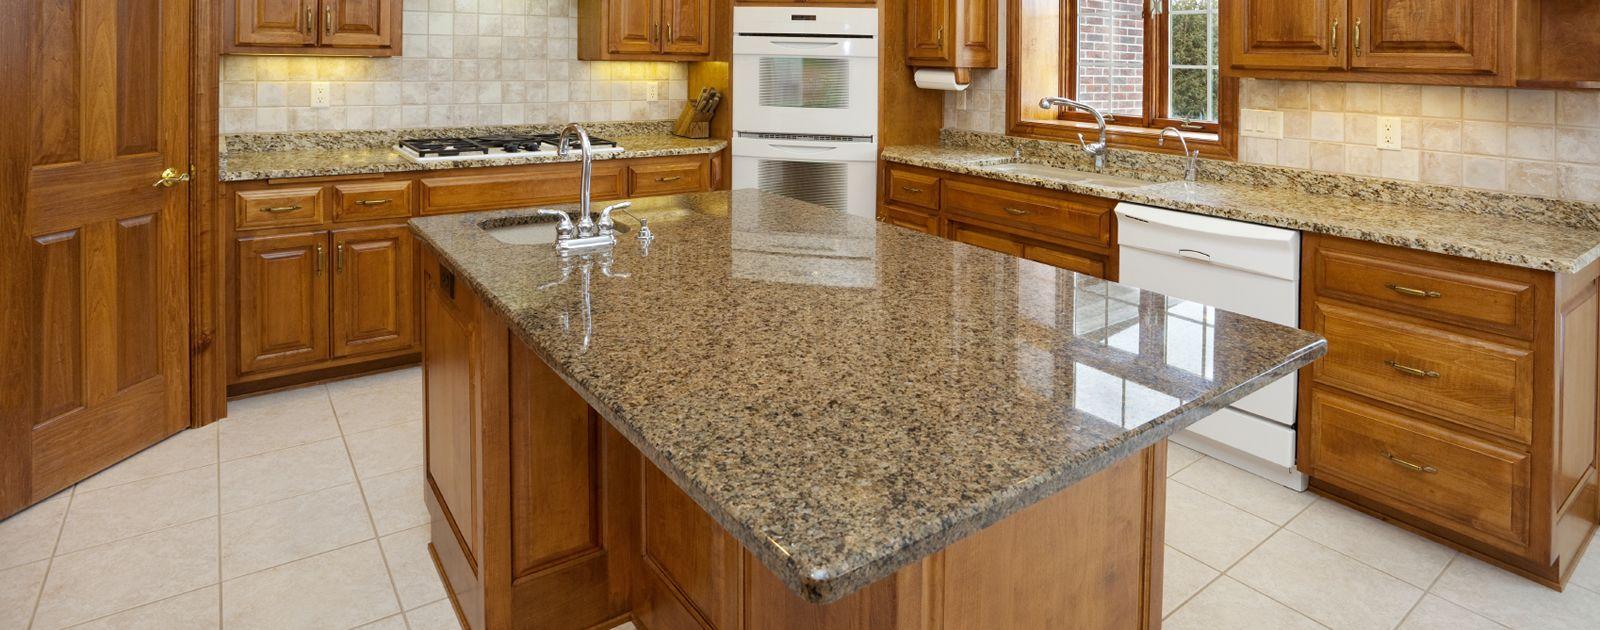 Kuche Mit Granit Arbeitsplatten Kuchen Pinterest Granite